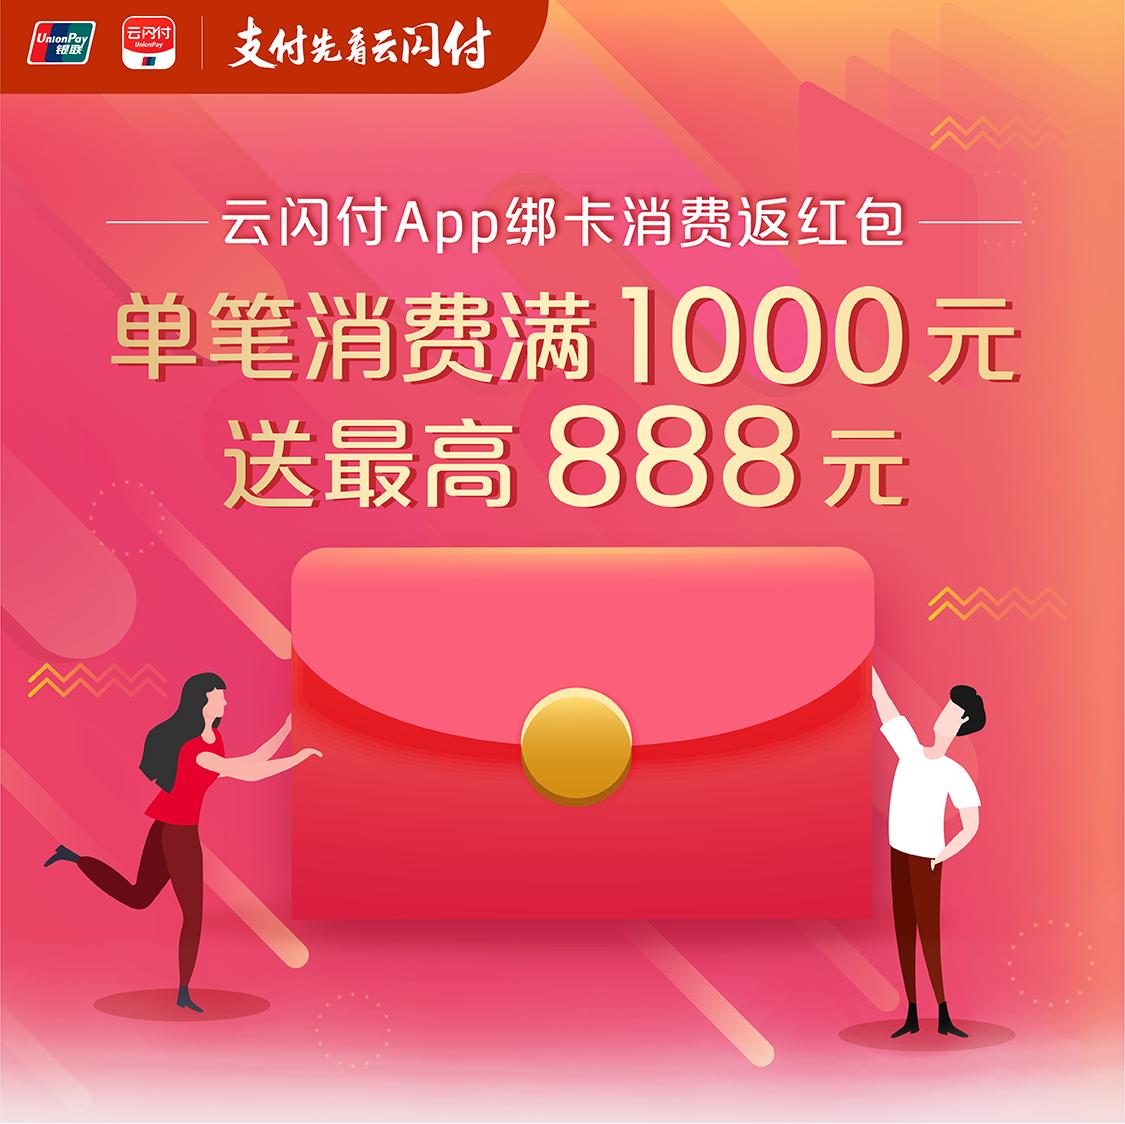 云闪付App绑卡消费返红包 单笔消费满1000元送最高888元